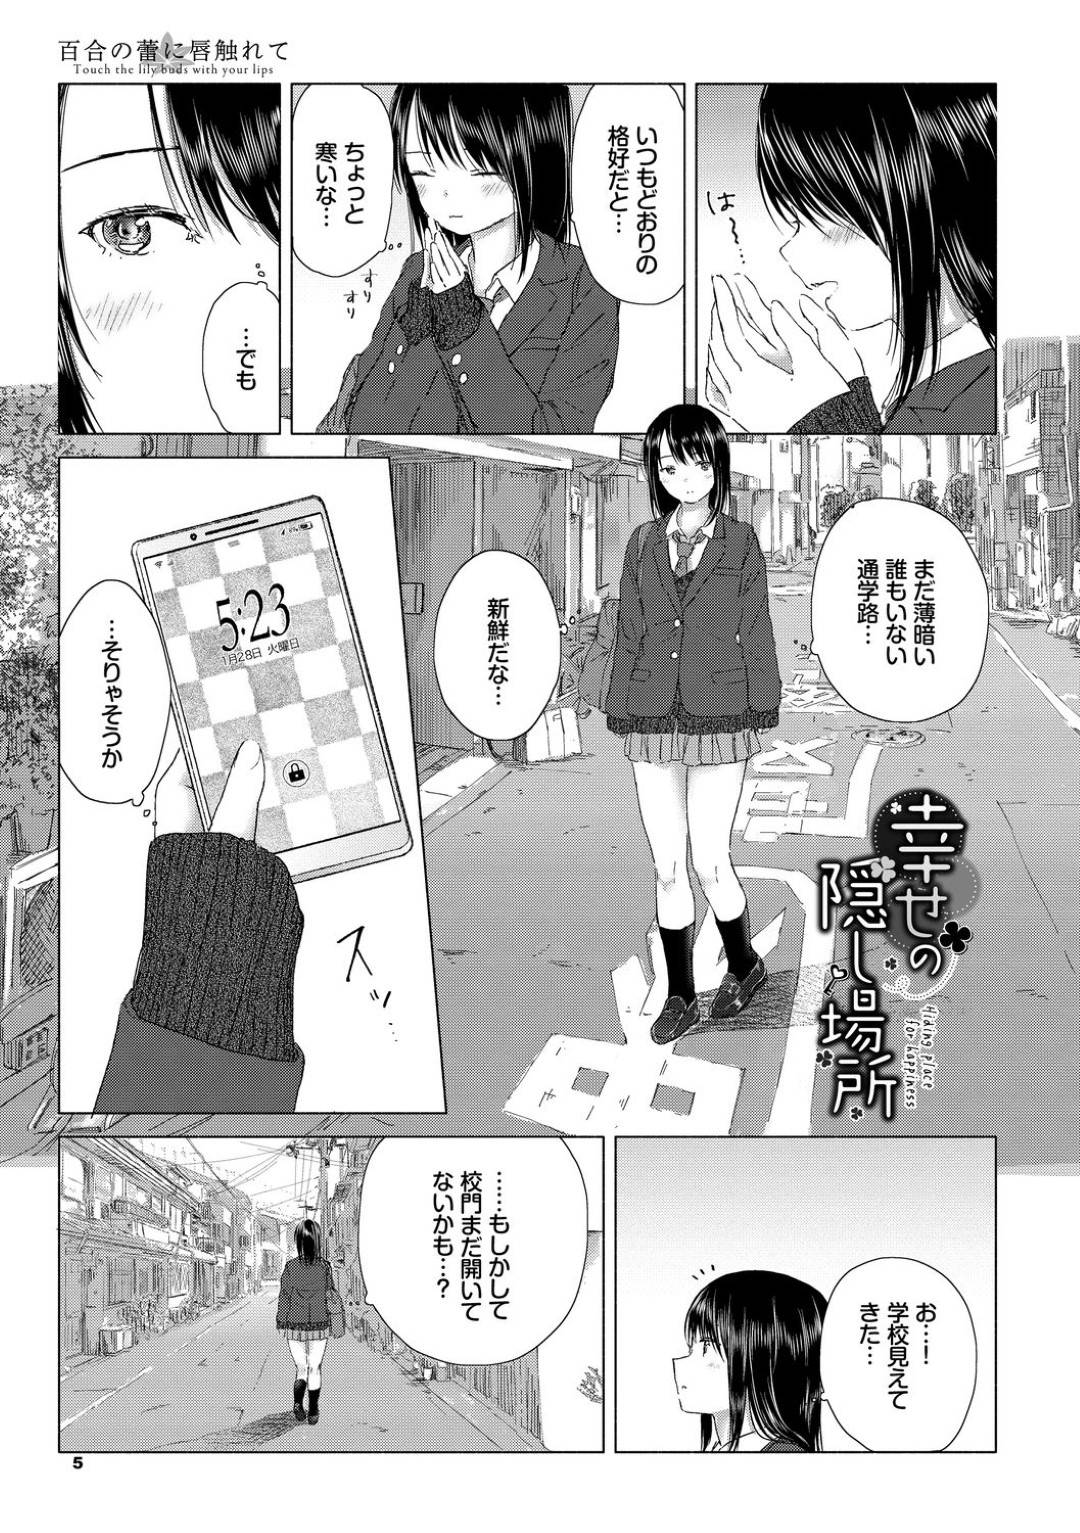 【エロ漫画】誰もいない学校で友達に見つかって二人きりを楽しむJK…誰にもバレないでドキドキする雰囲気を味わいたくて渡り廊下でイチャらぶレズプレイ!【syou:幸せの場所】